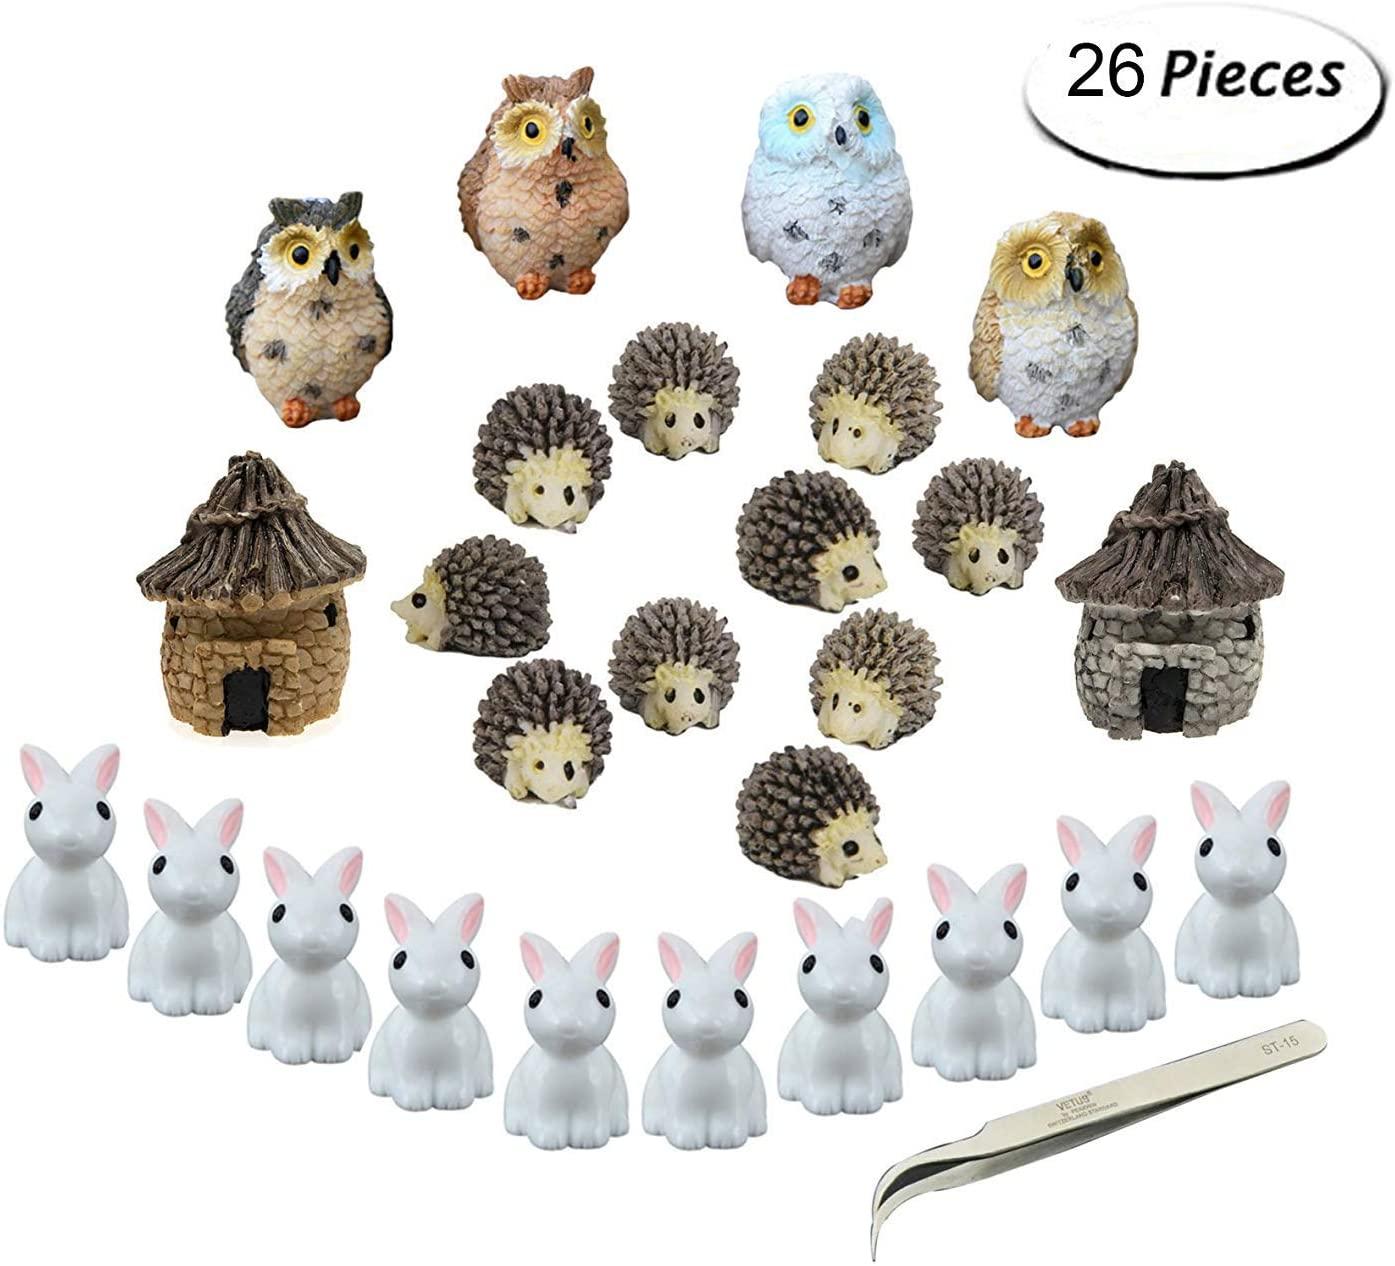 Fashionclubs Miniature Garden Ornaments, 24pcs Miniature Ornaments Kit Set Fairy Garden Figurines Accessories for DIY Dollhouse Plant Pot Decoration,with 1pcs Tweezer